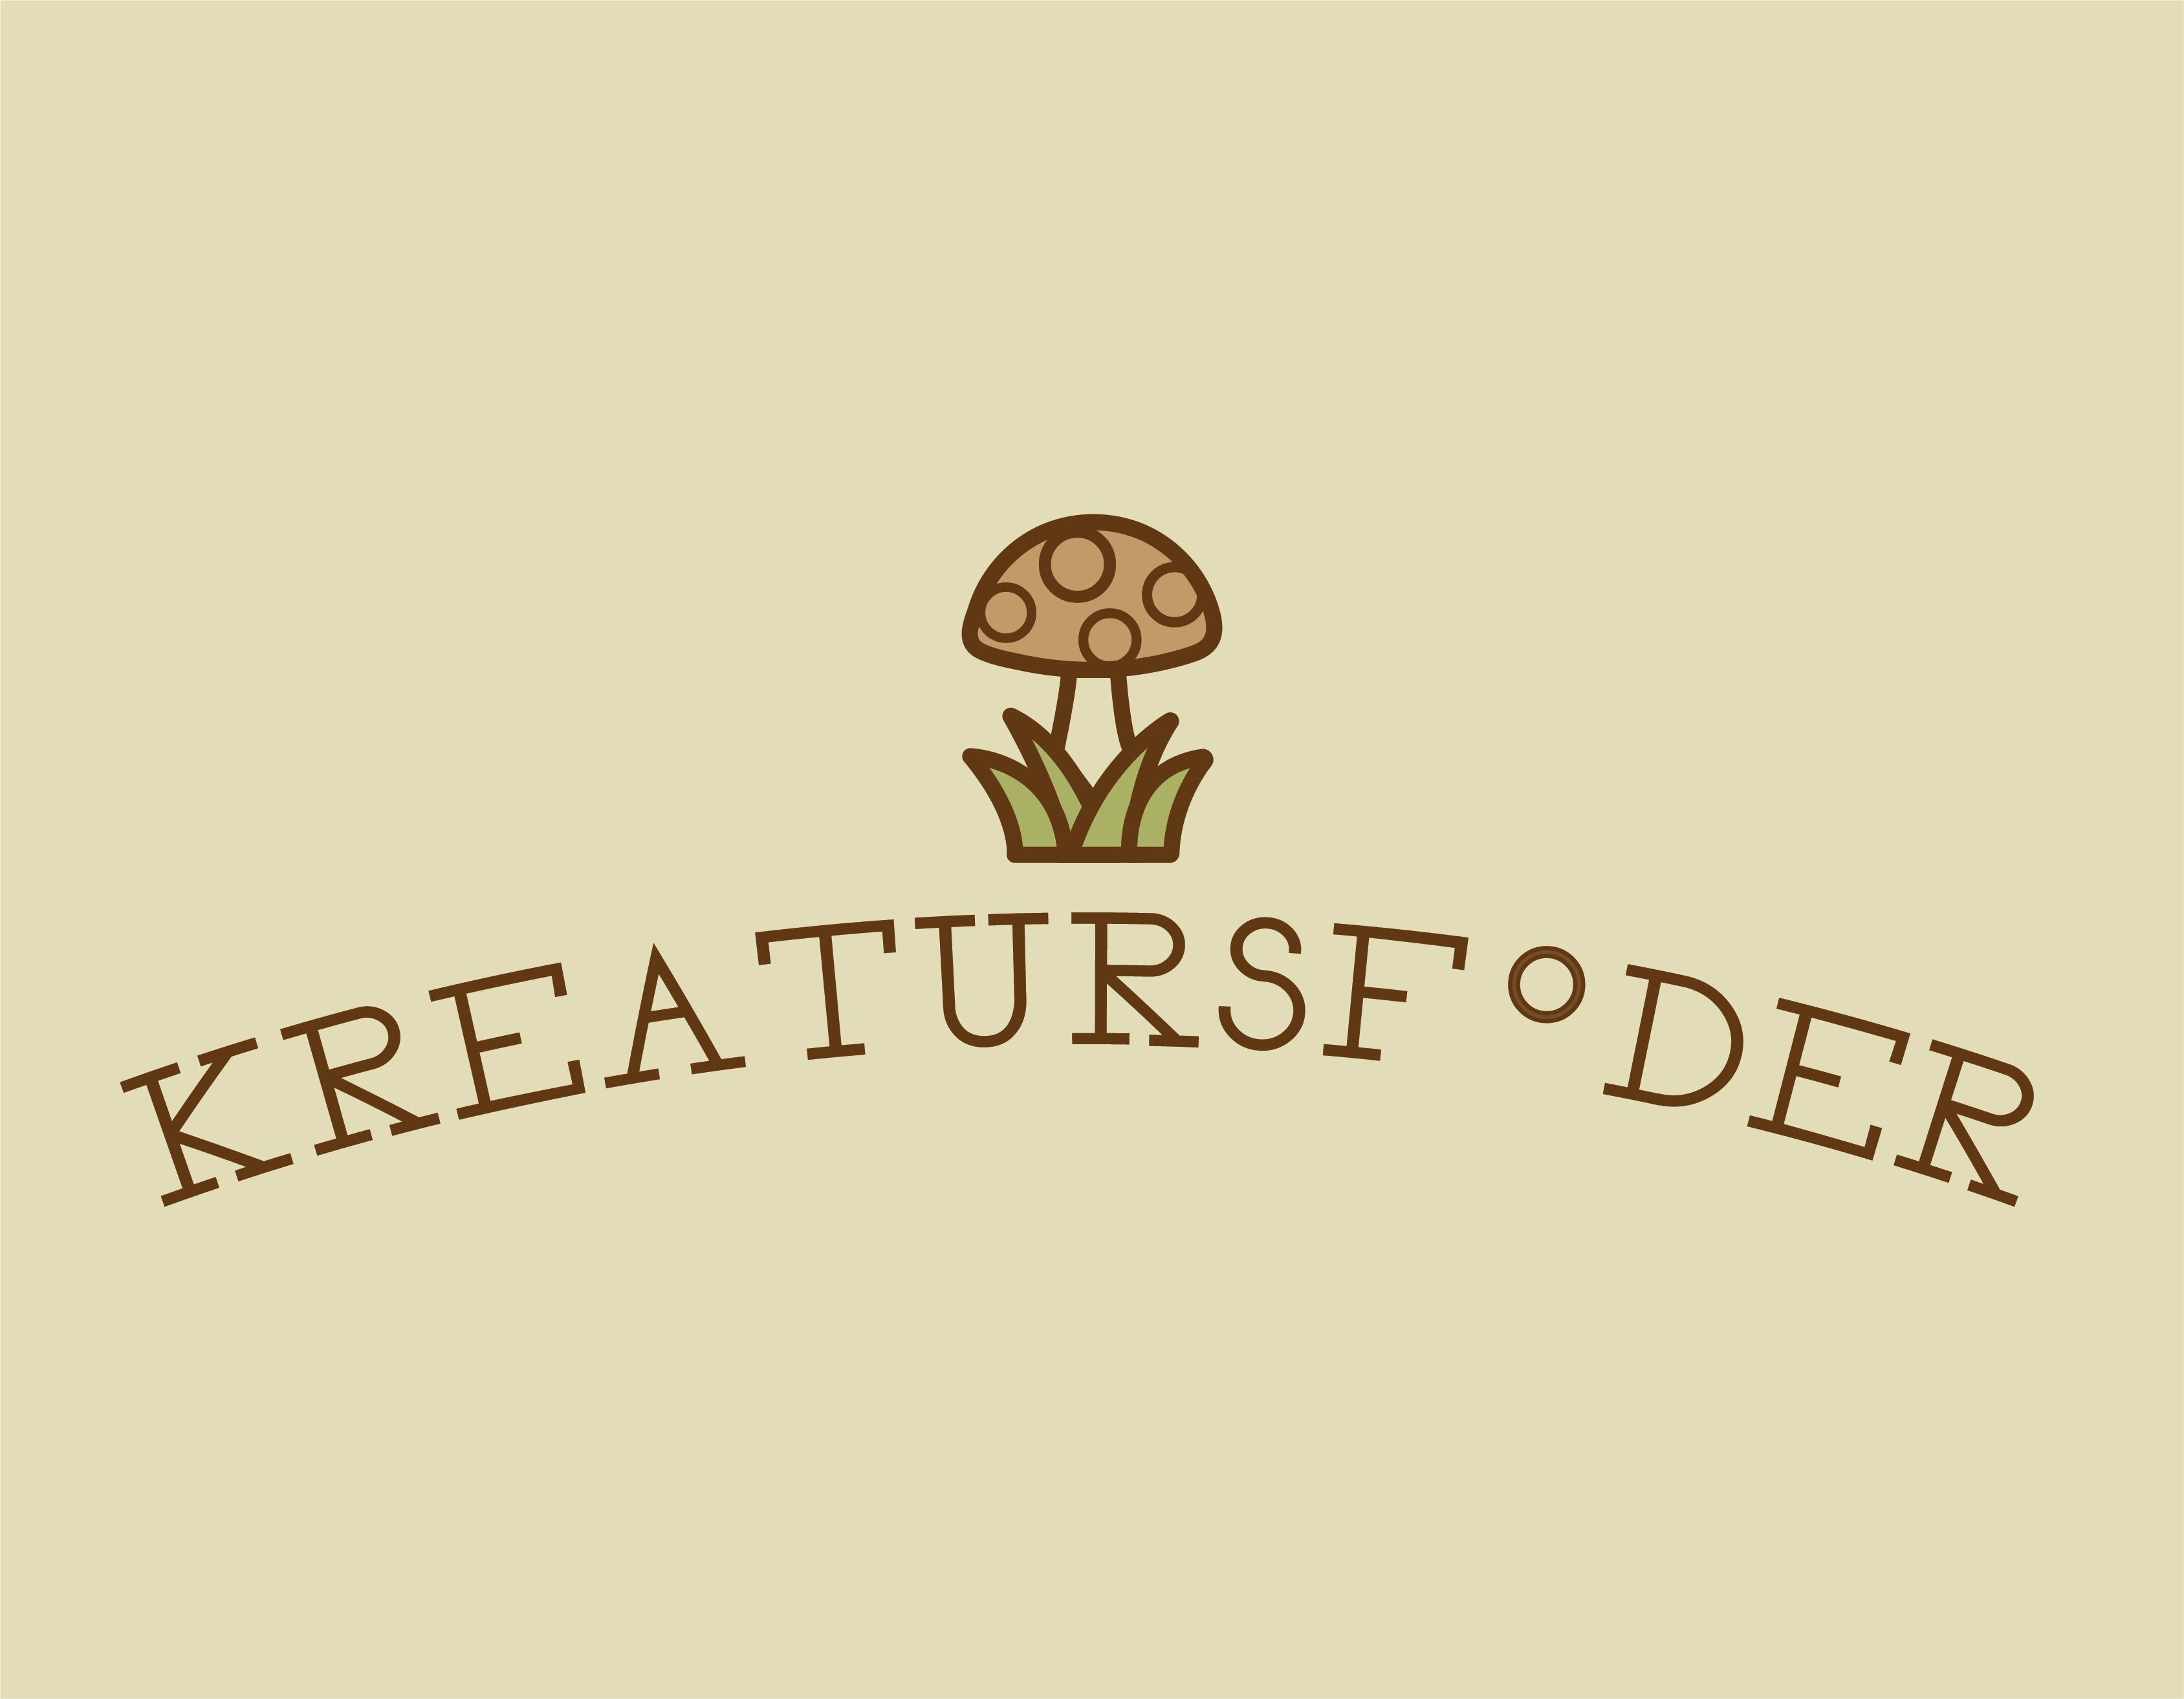 Kreatursfoder